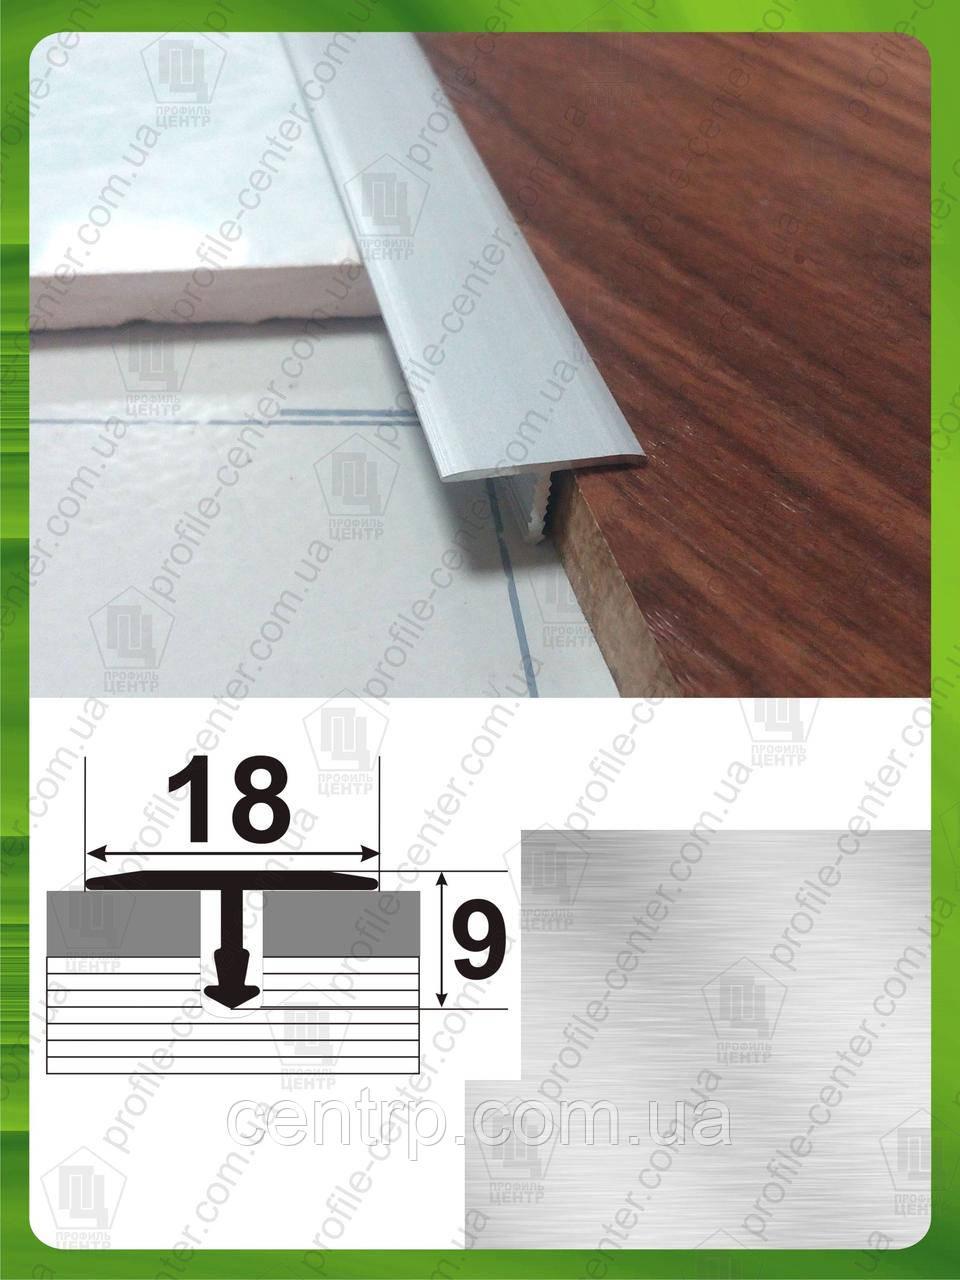 Т-образный профиль для плитки АТ-18.БП, L-2,7м.